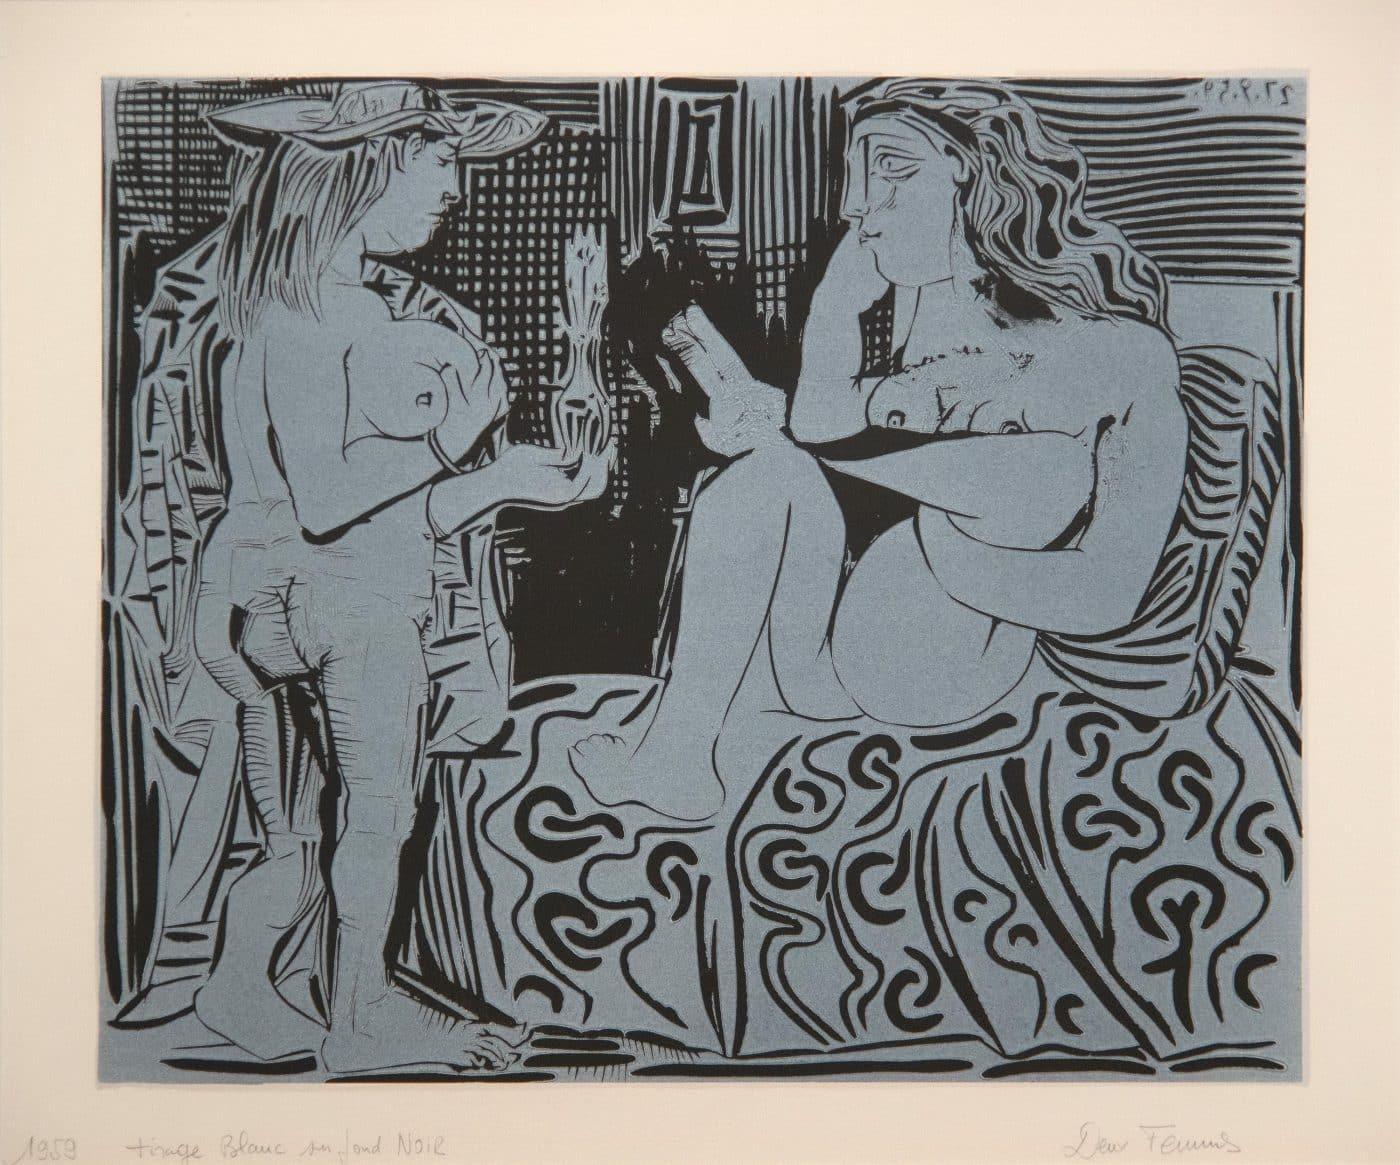 Deux femmes avec un vase à fleurs, 1959, by Pablo Picasso, offered by Heather James Fine Art